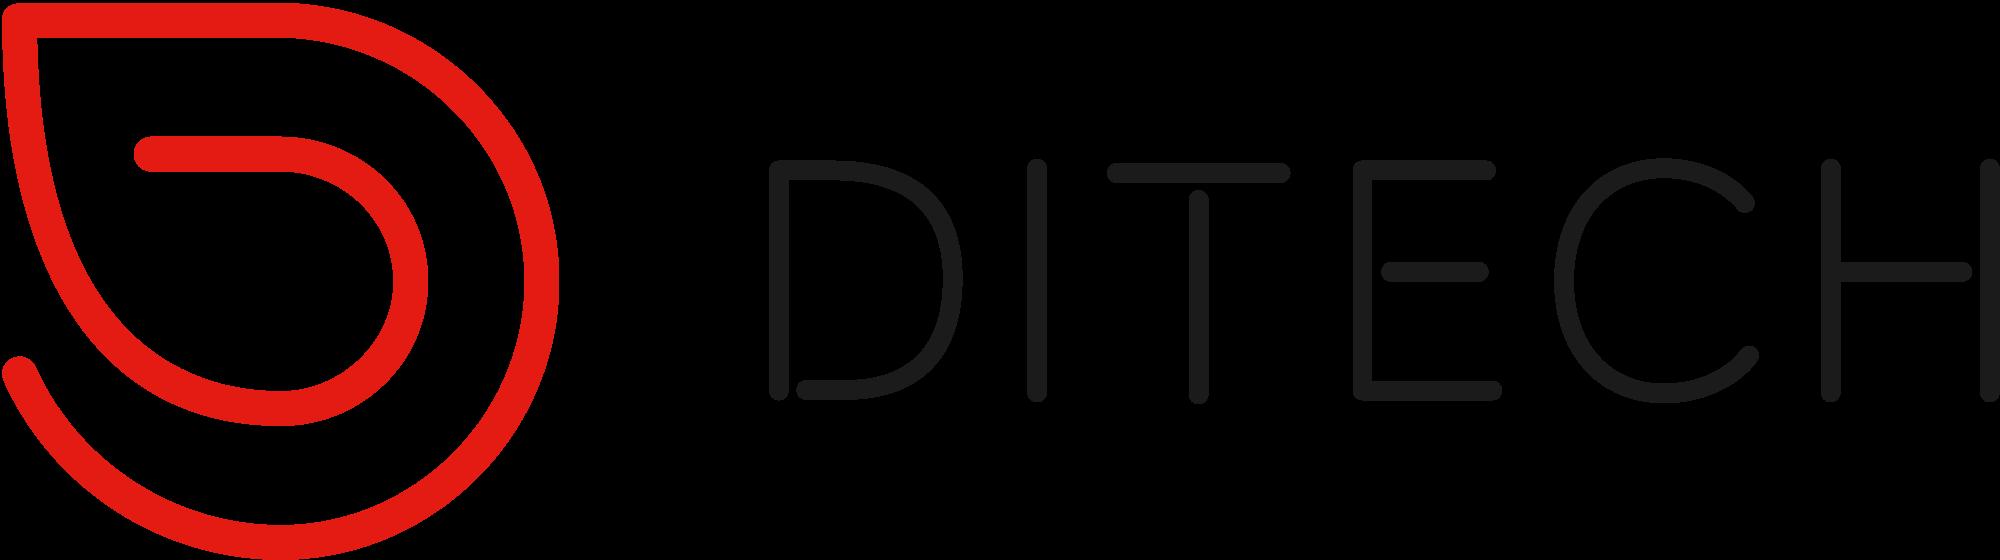 Ditech AS